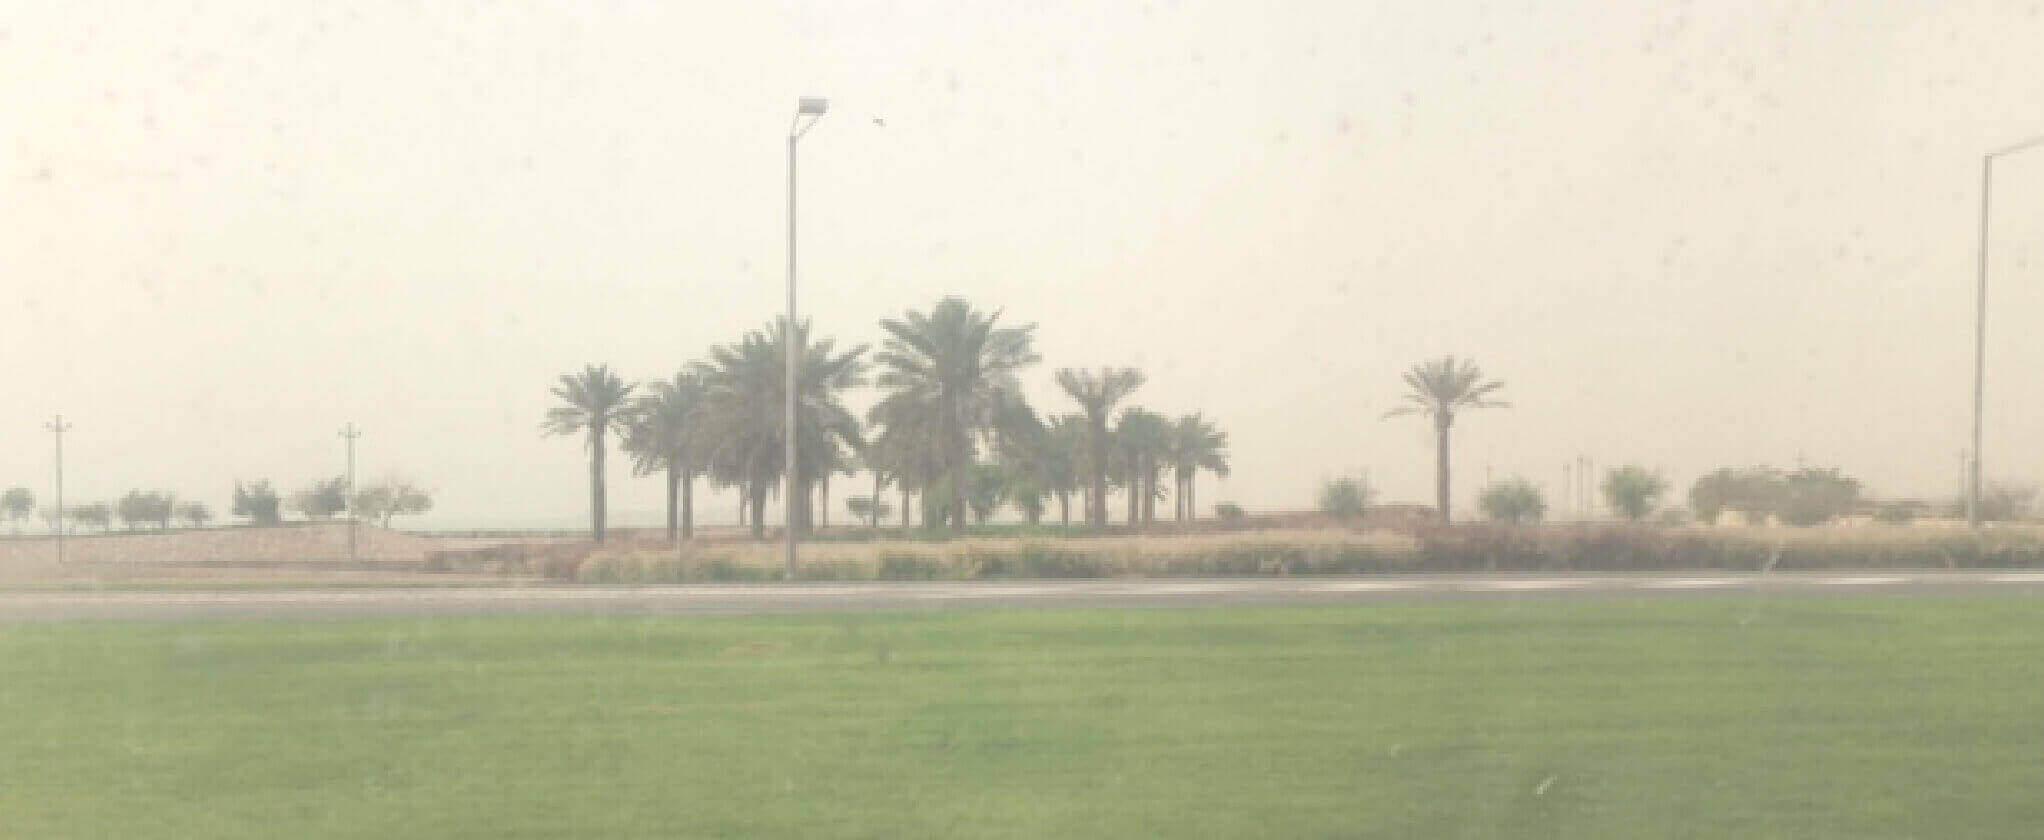 中東の砂漠沿いの道から見た景色